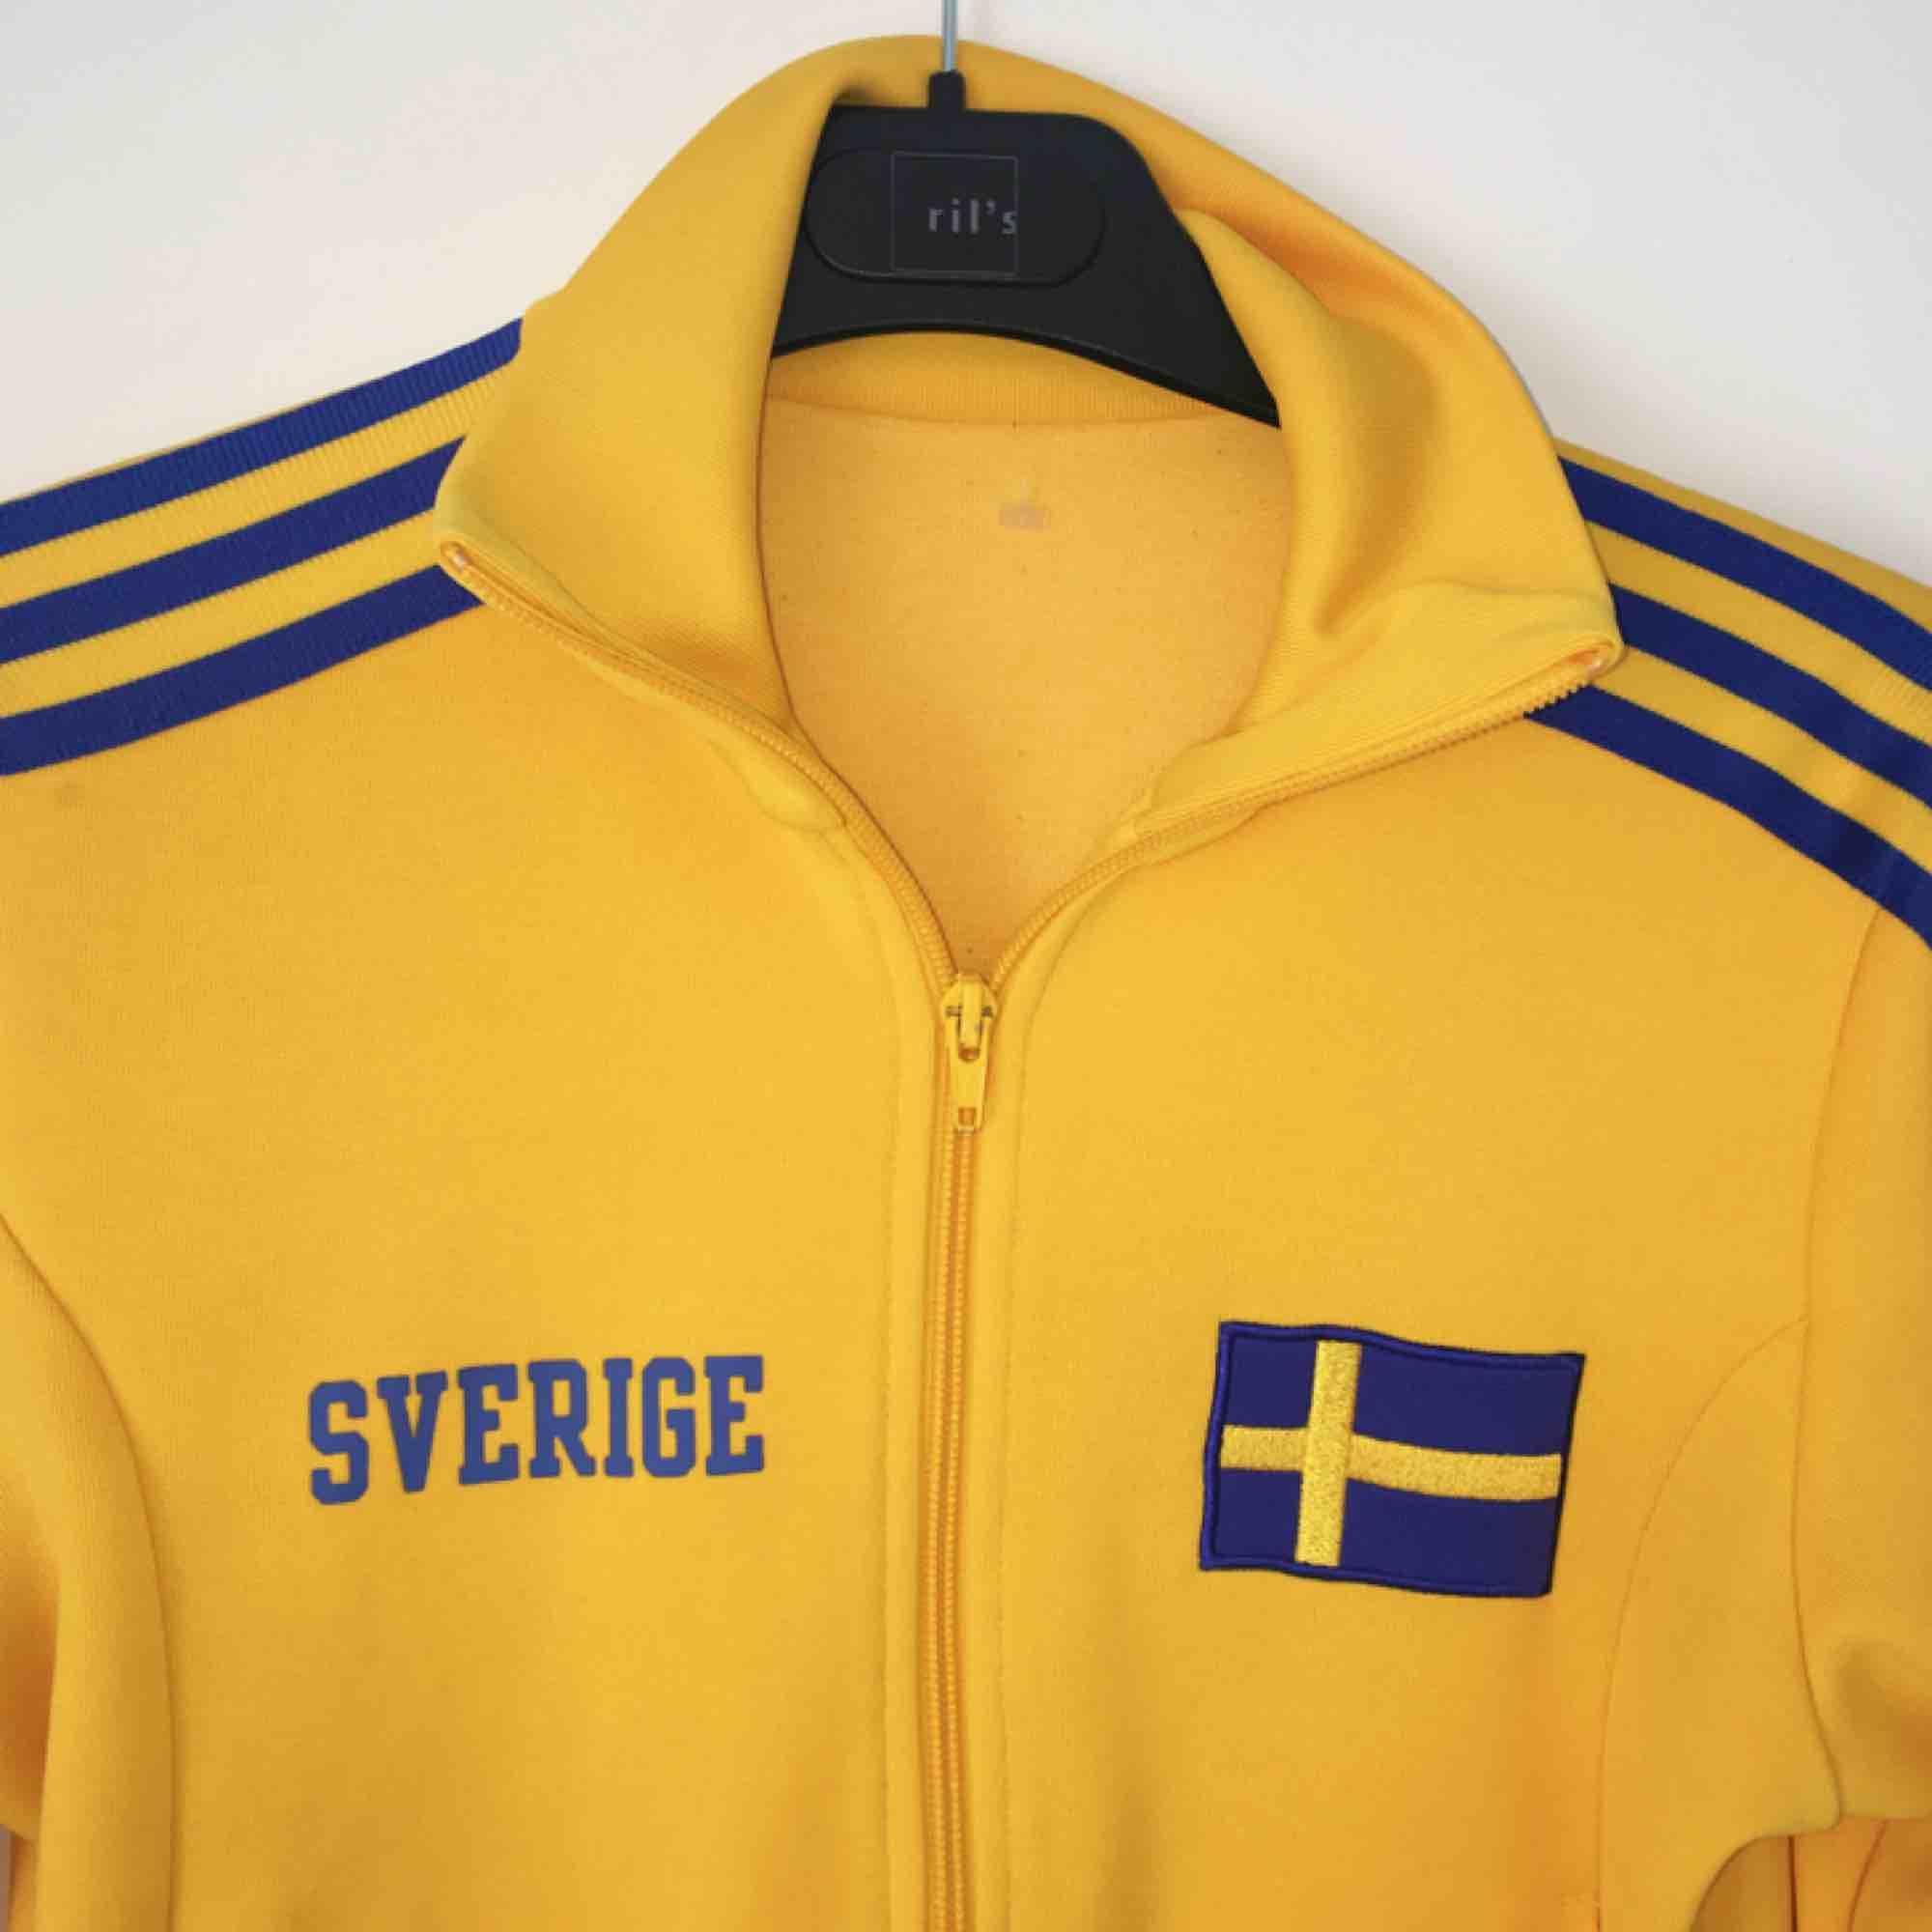 Adidas Sverige-tröja! 🇸🇪 Frakt inkluderat i pris . Huvtröjor & Träningströjor.